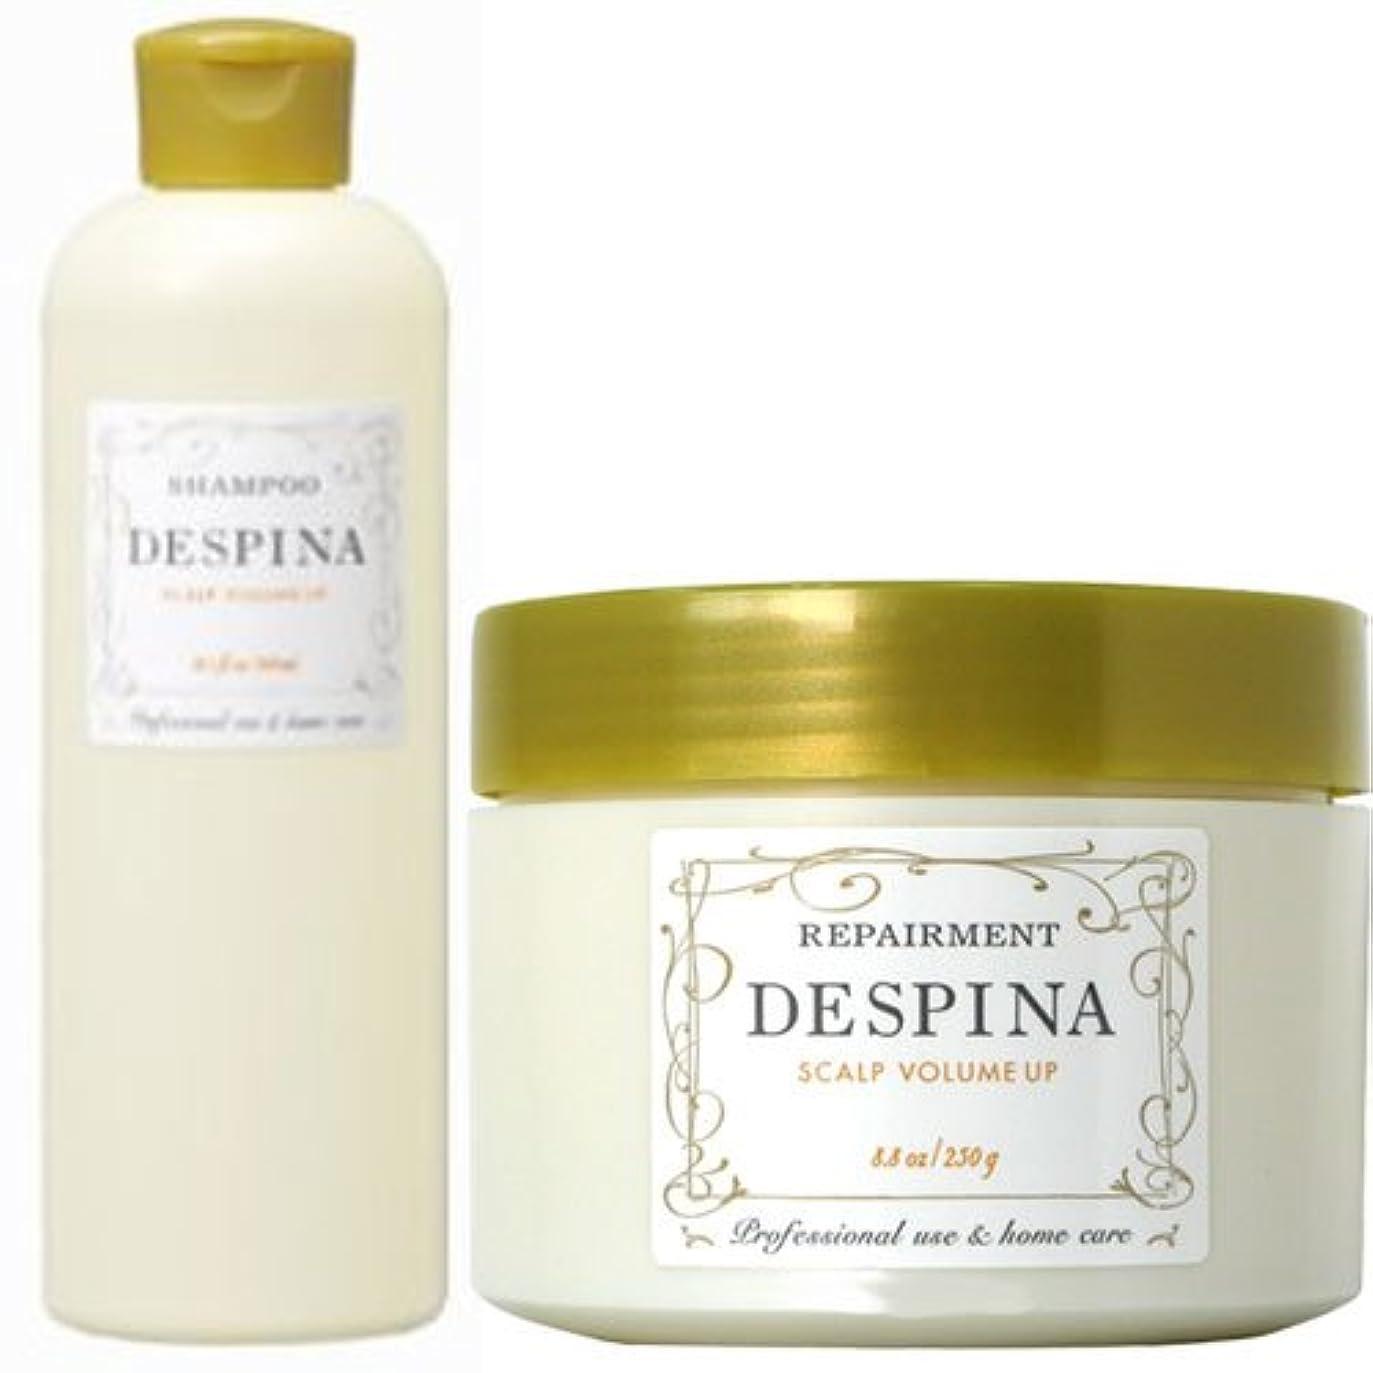 甘味調整するそれナカノ デスピナ  スキャルプ ボリュームアップ シャンプー300ml&リペアメント250gセット NAKANO DESPINA SCALP